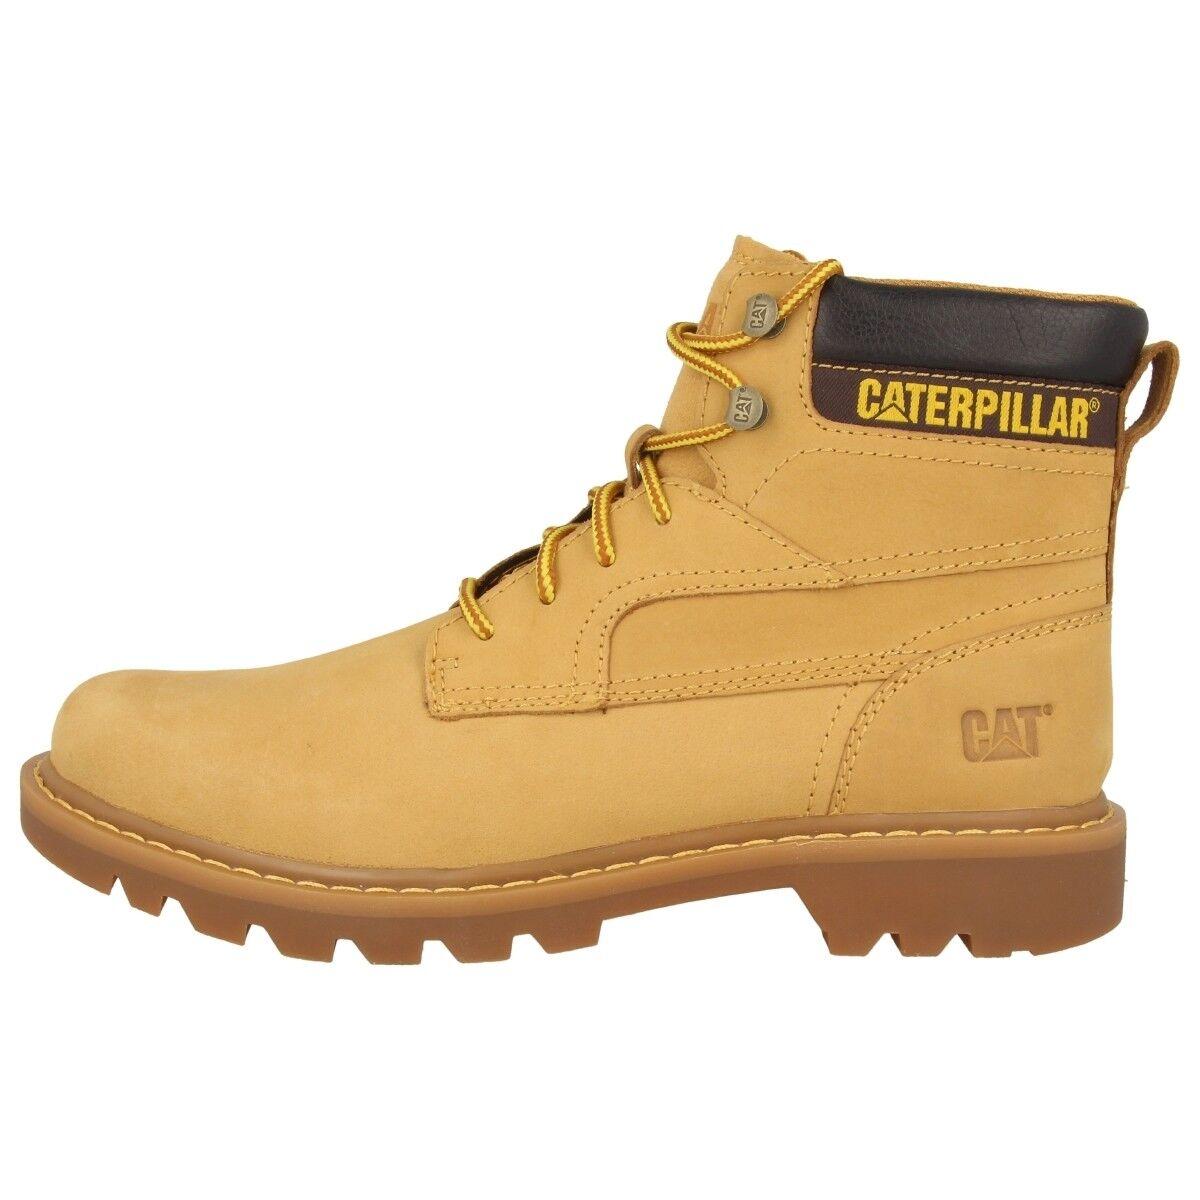 CAT Caterpillar Bridgeport Stiefel Men Boots Herren Arbeitsschuhe honey P719411